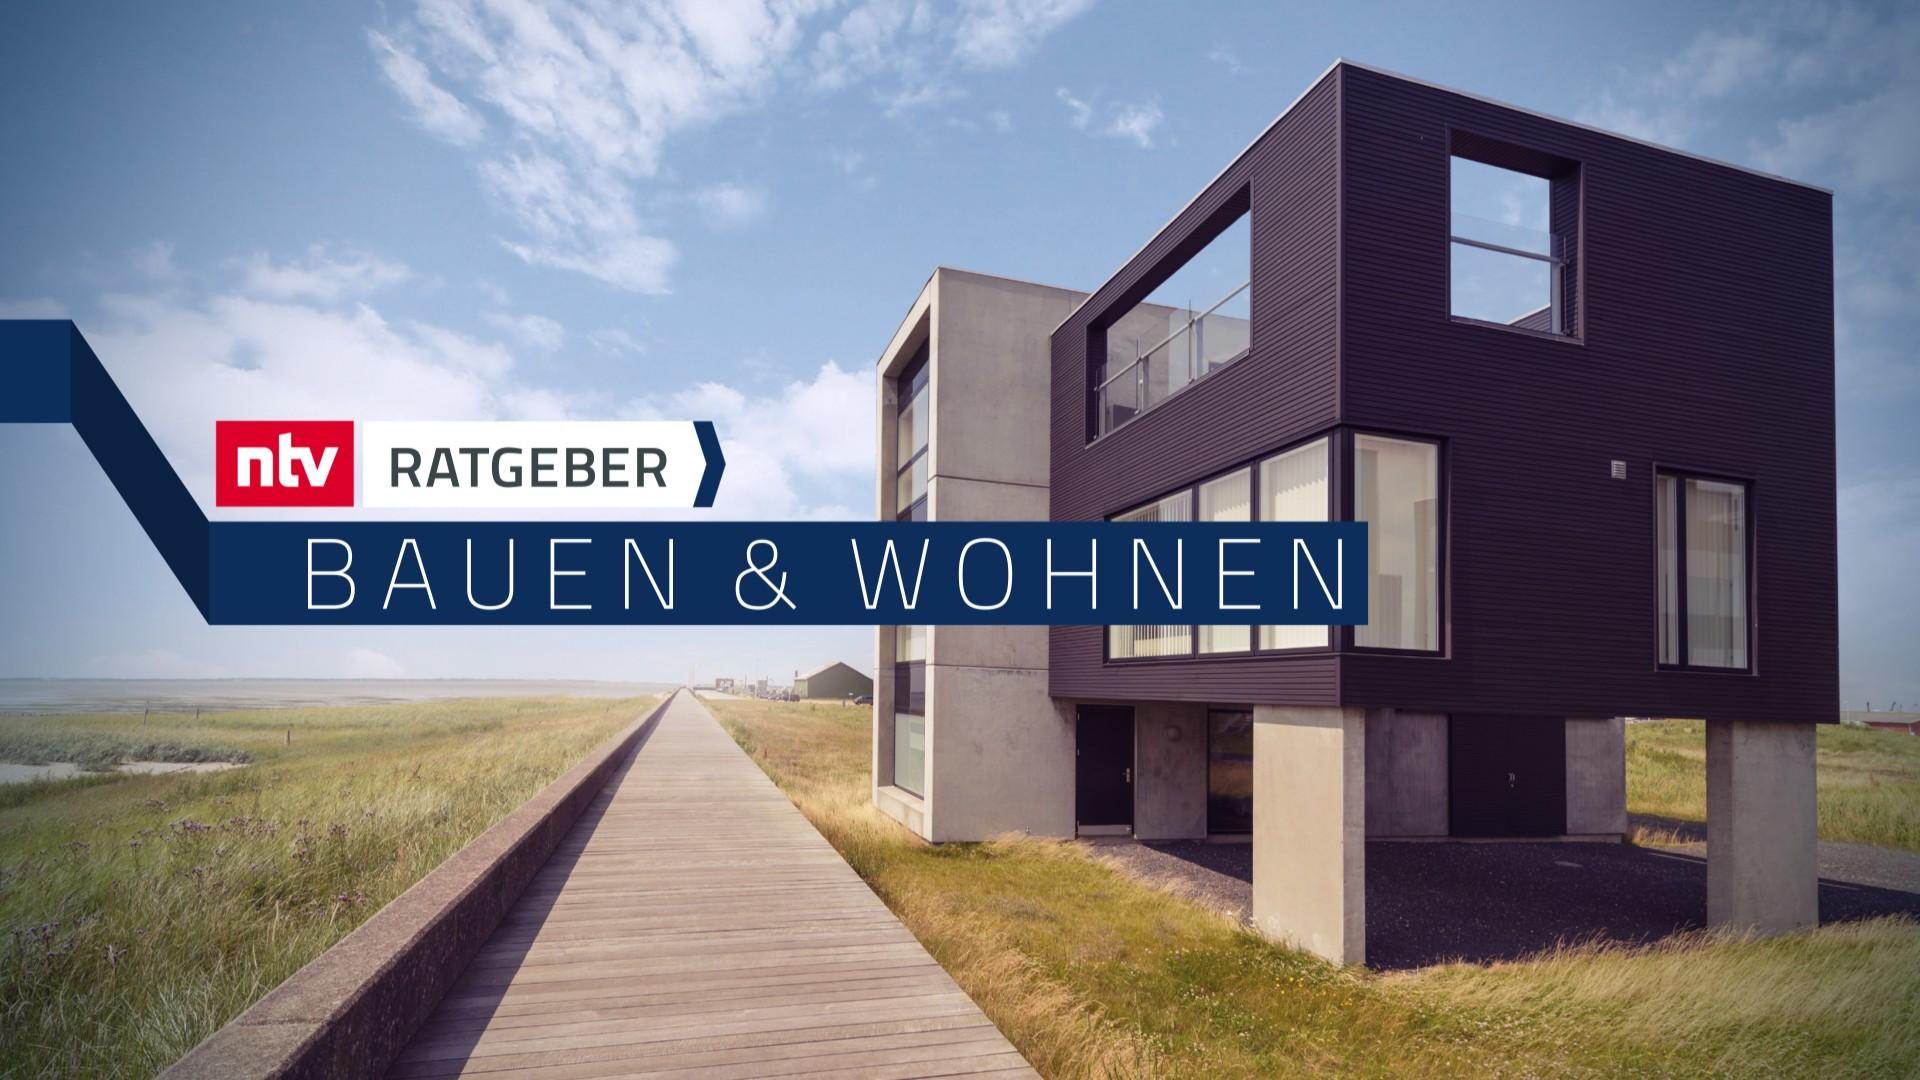 N Tv Ratgeber Bauen Wohnen Design Tagebuch